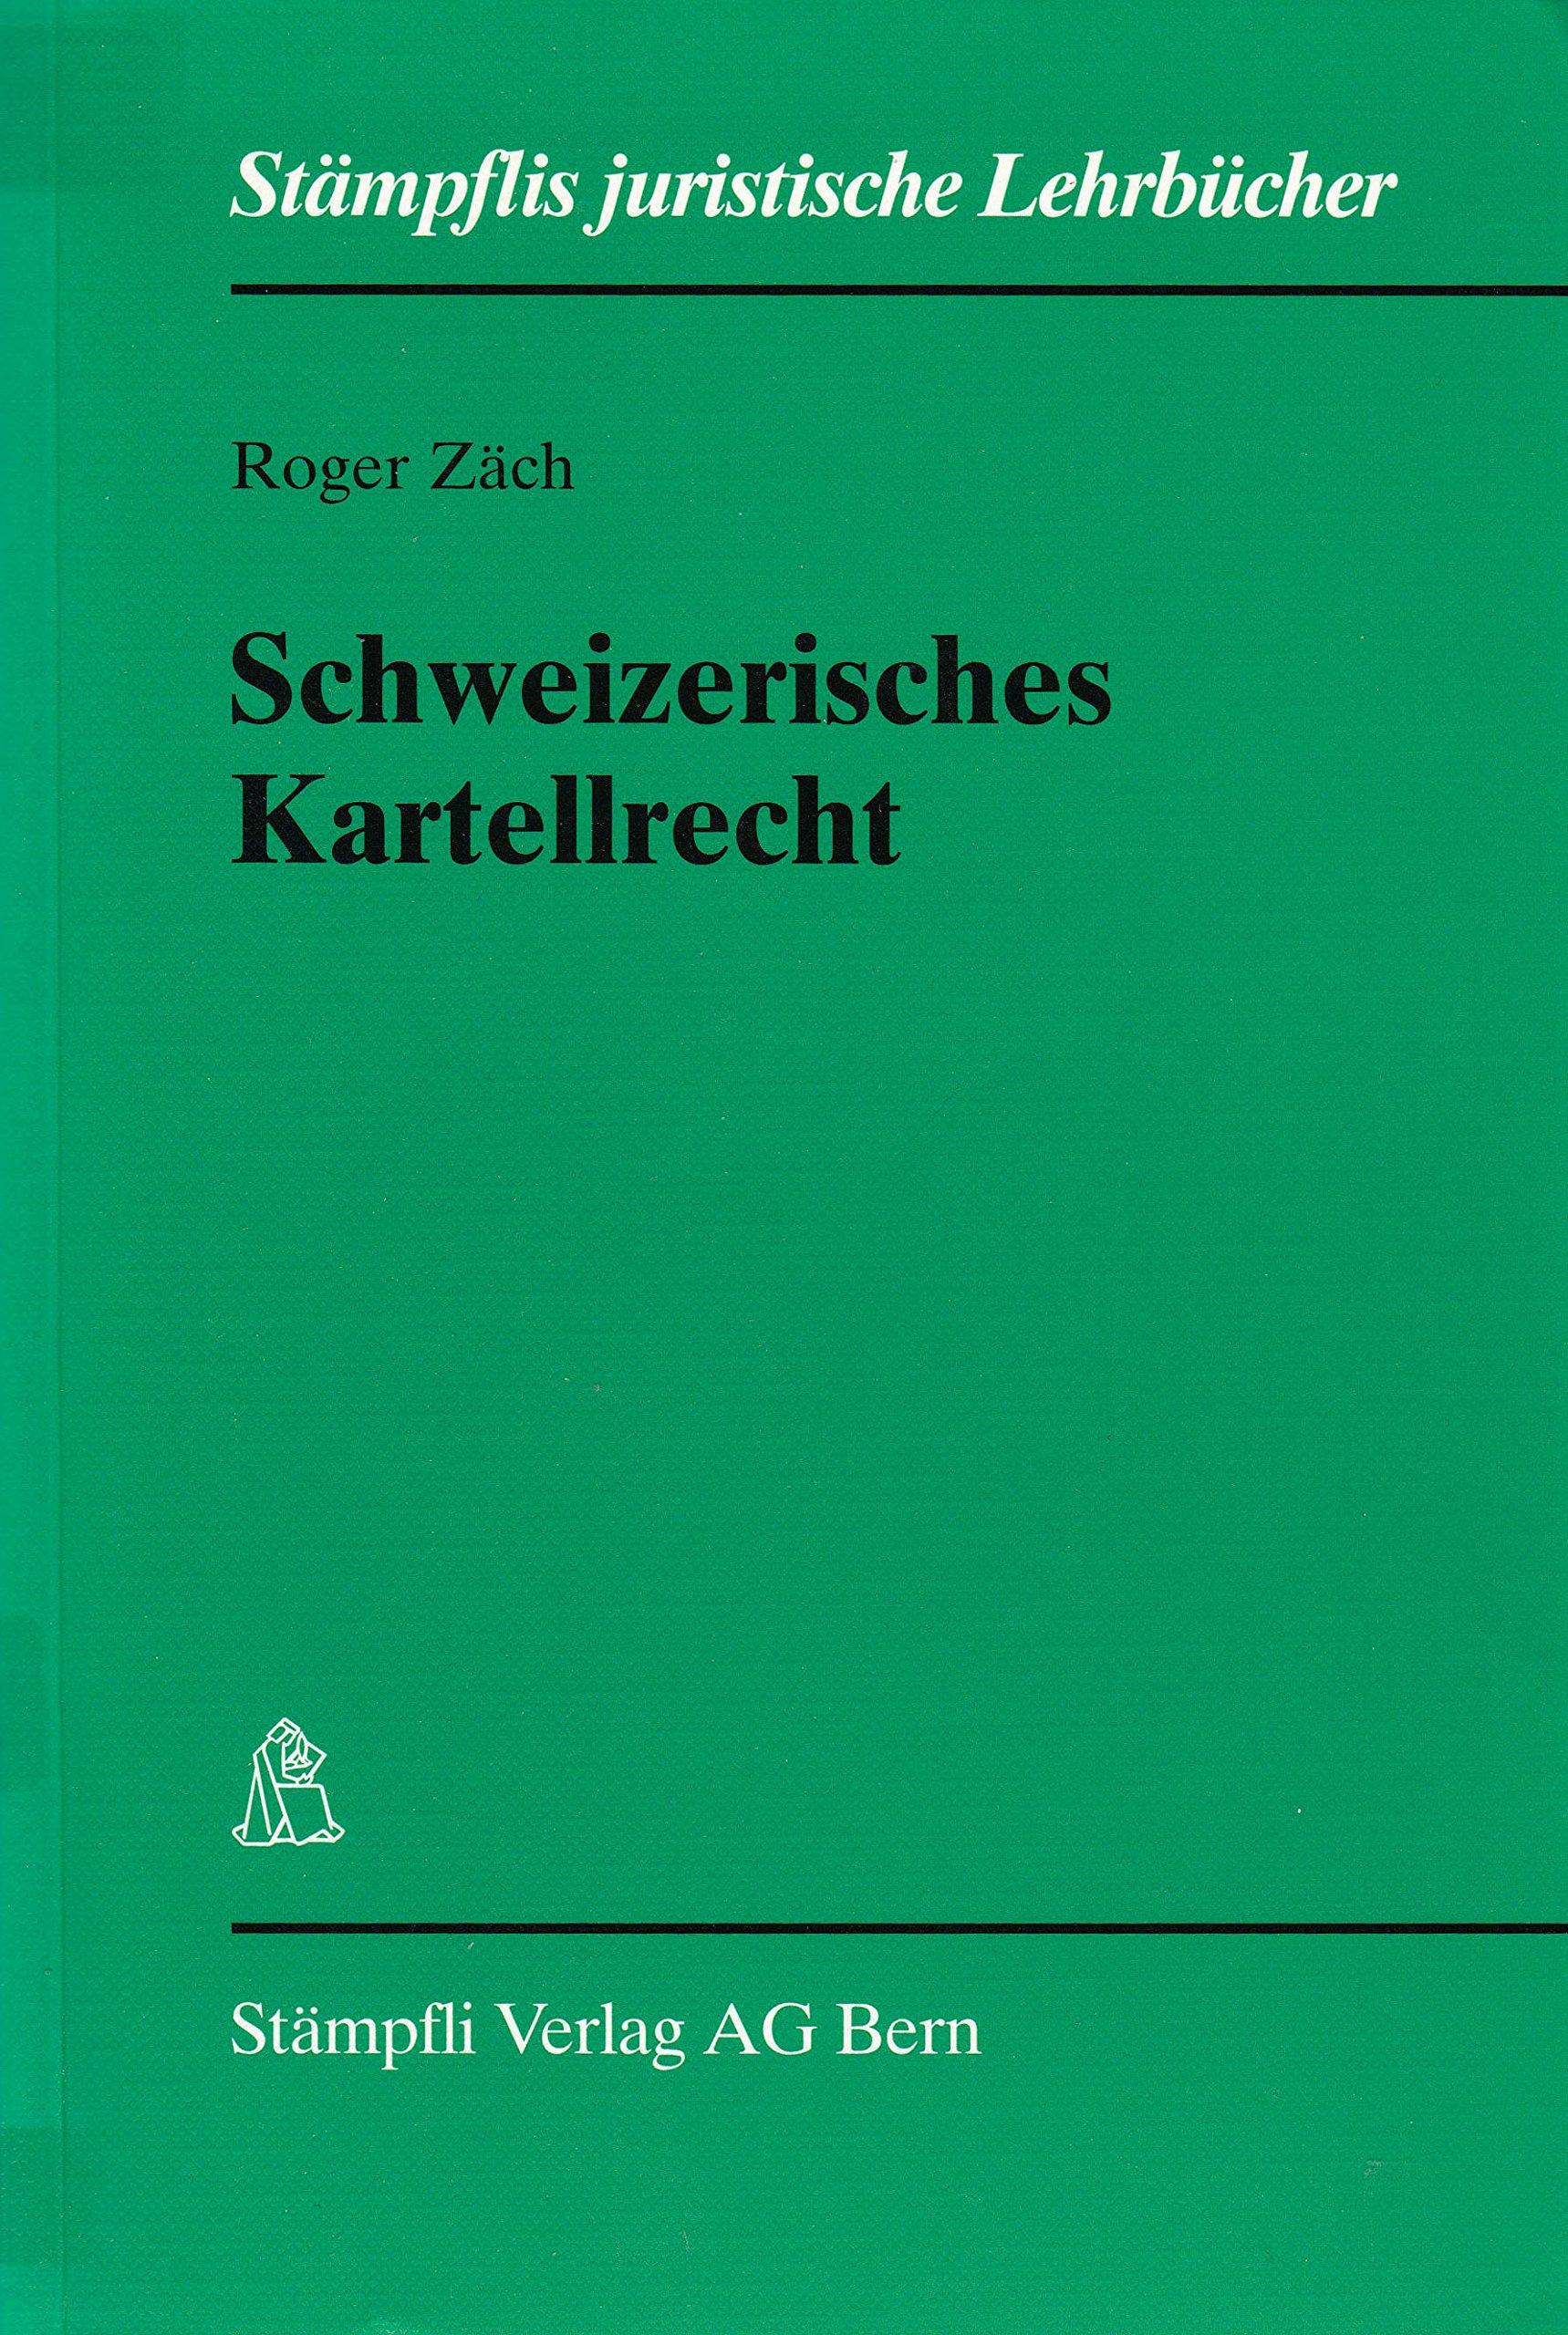 Schweizerisches Kartellrecht